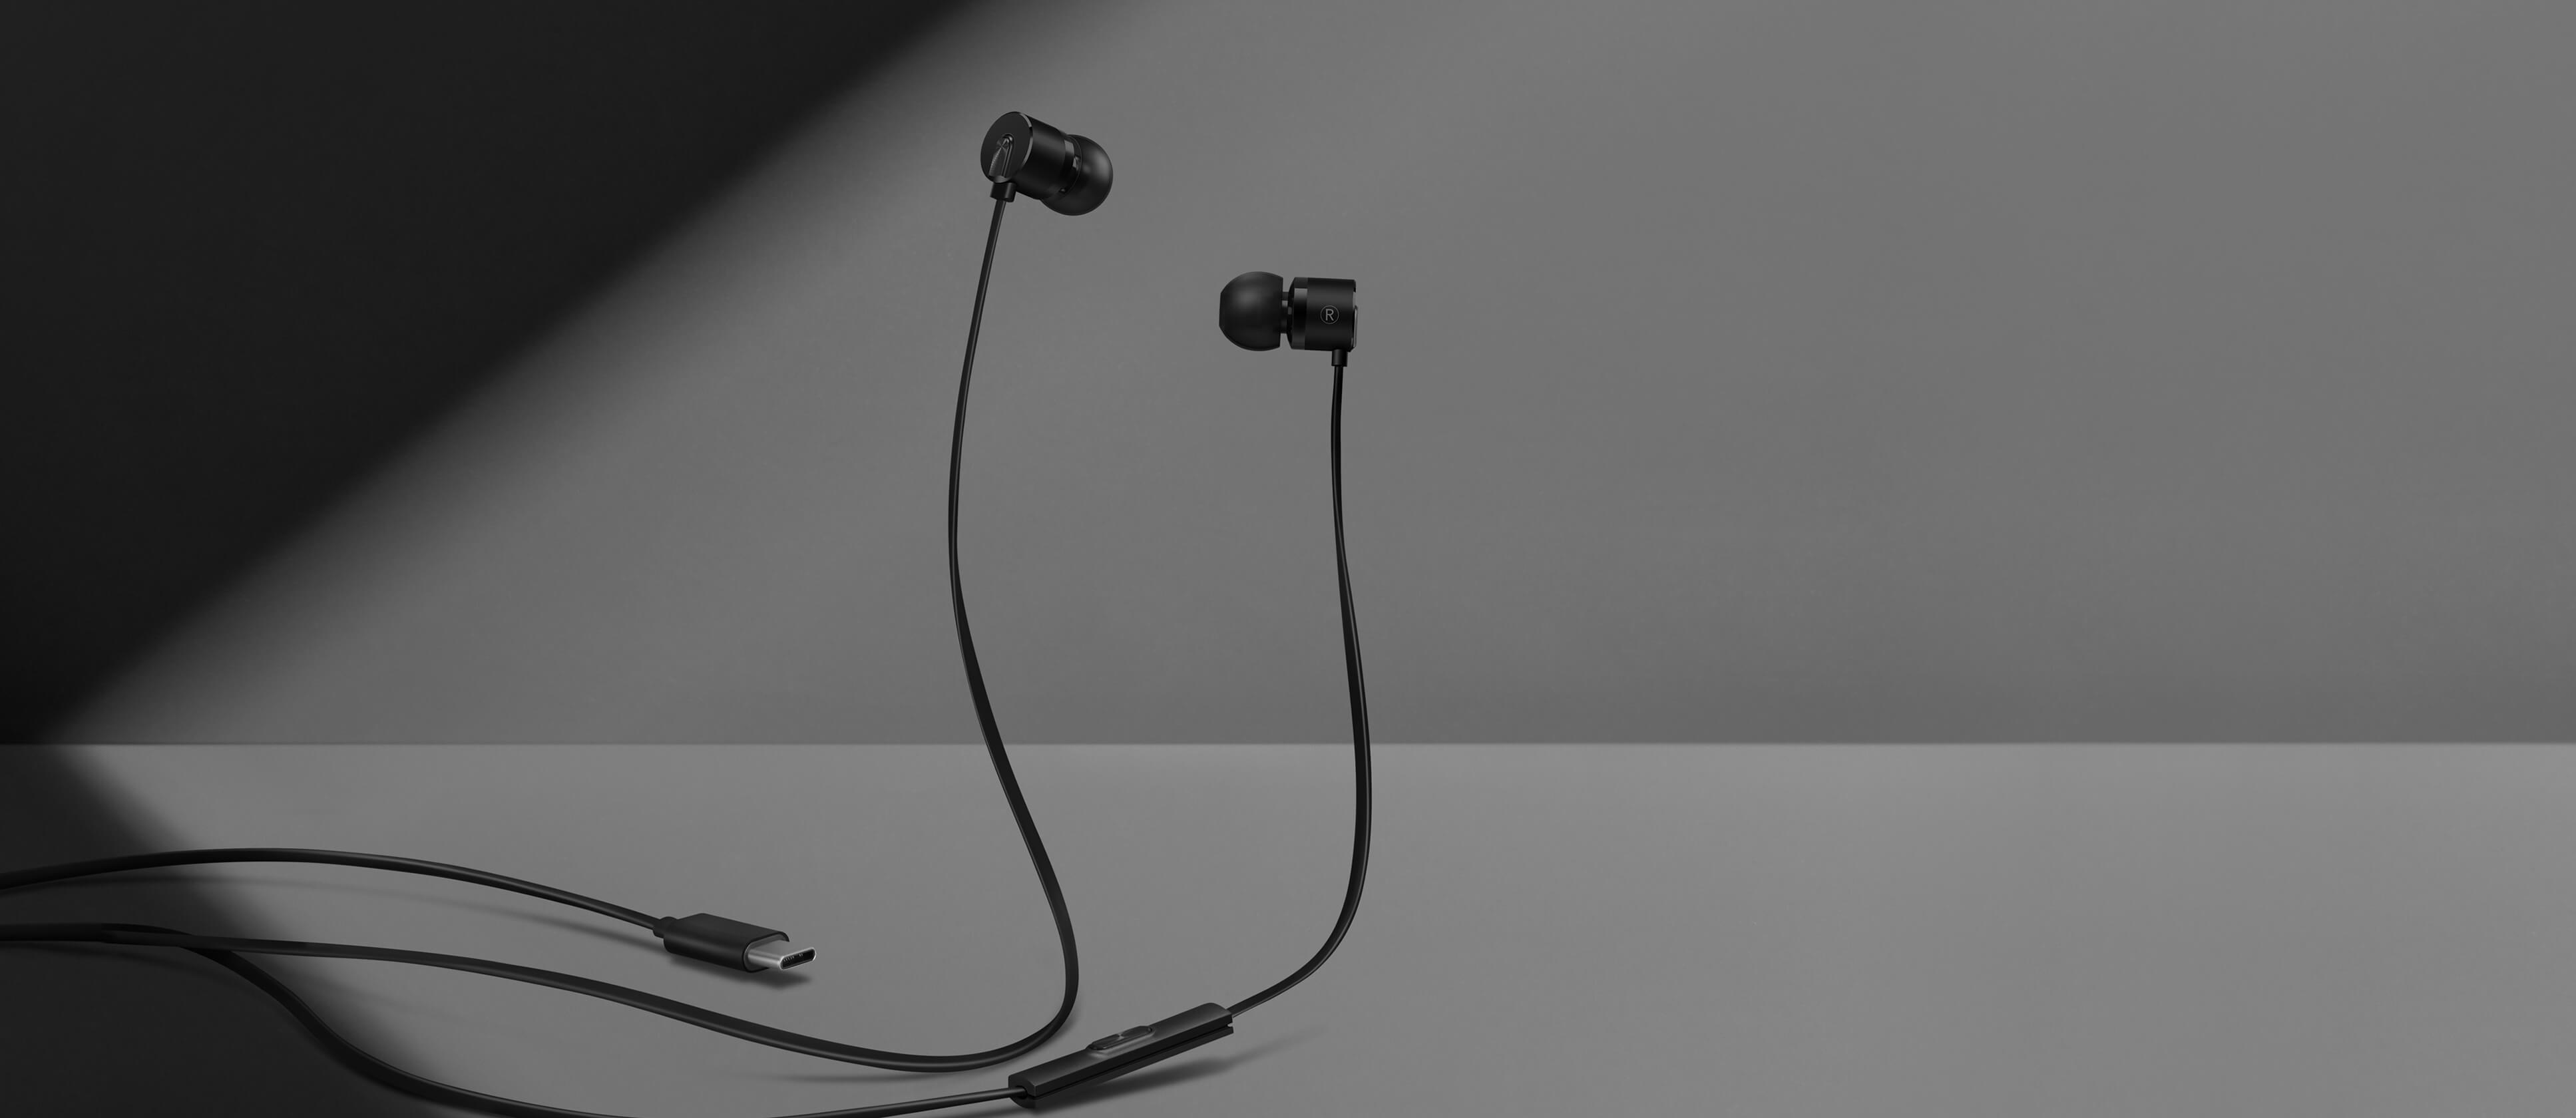 USB Type-C Earphones